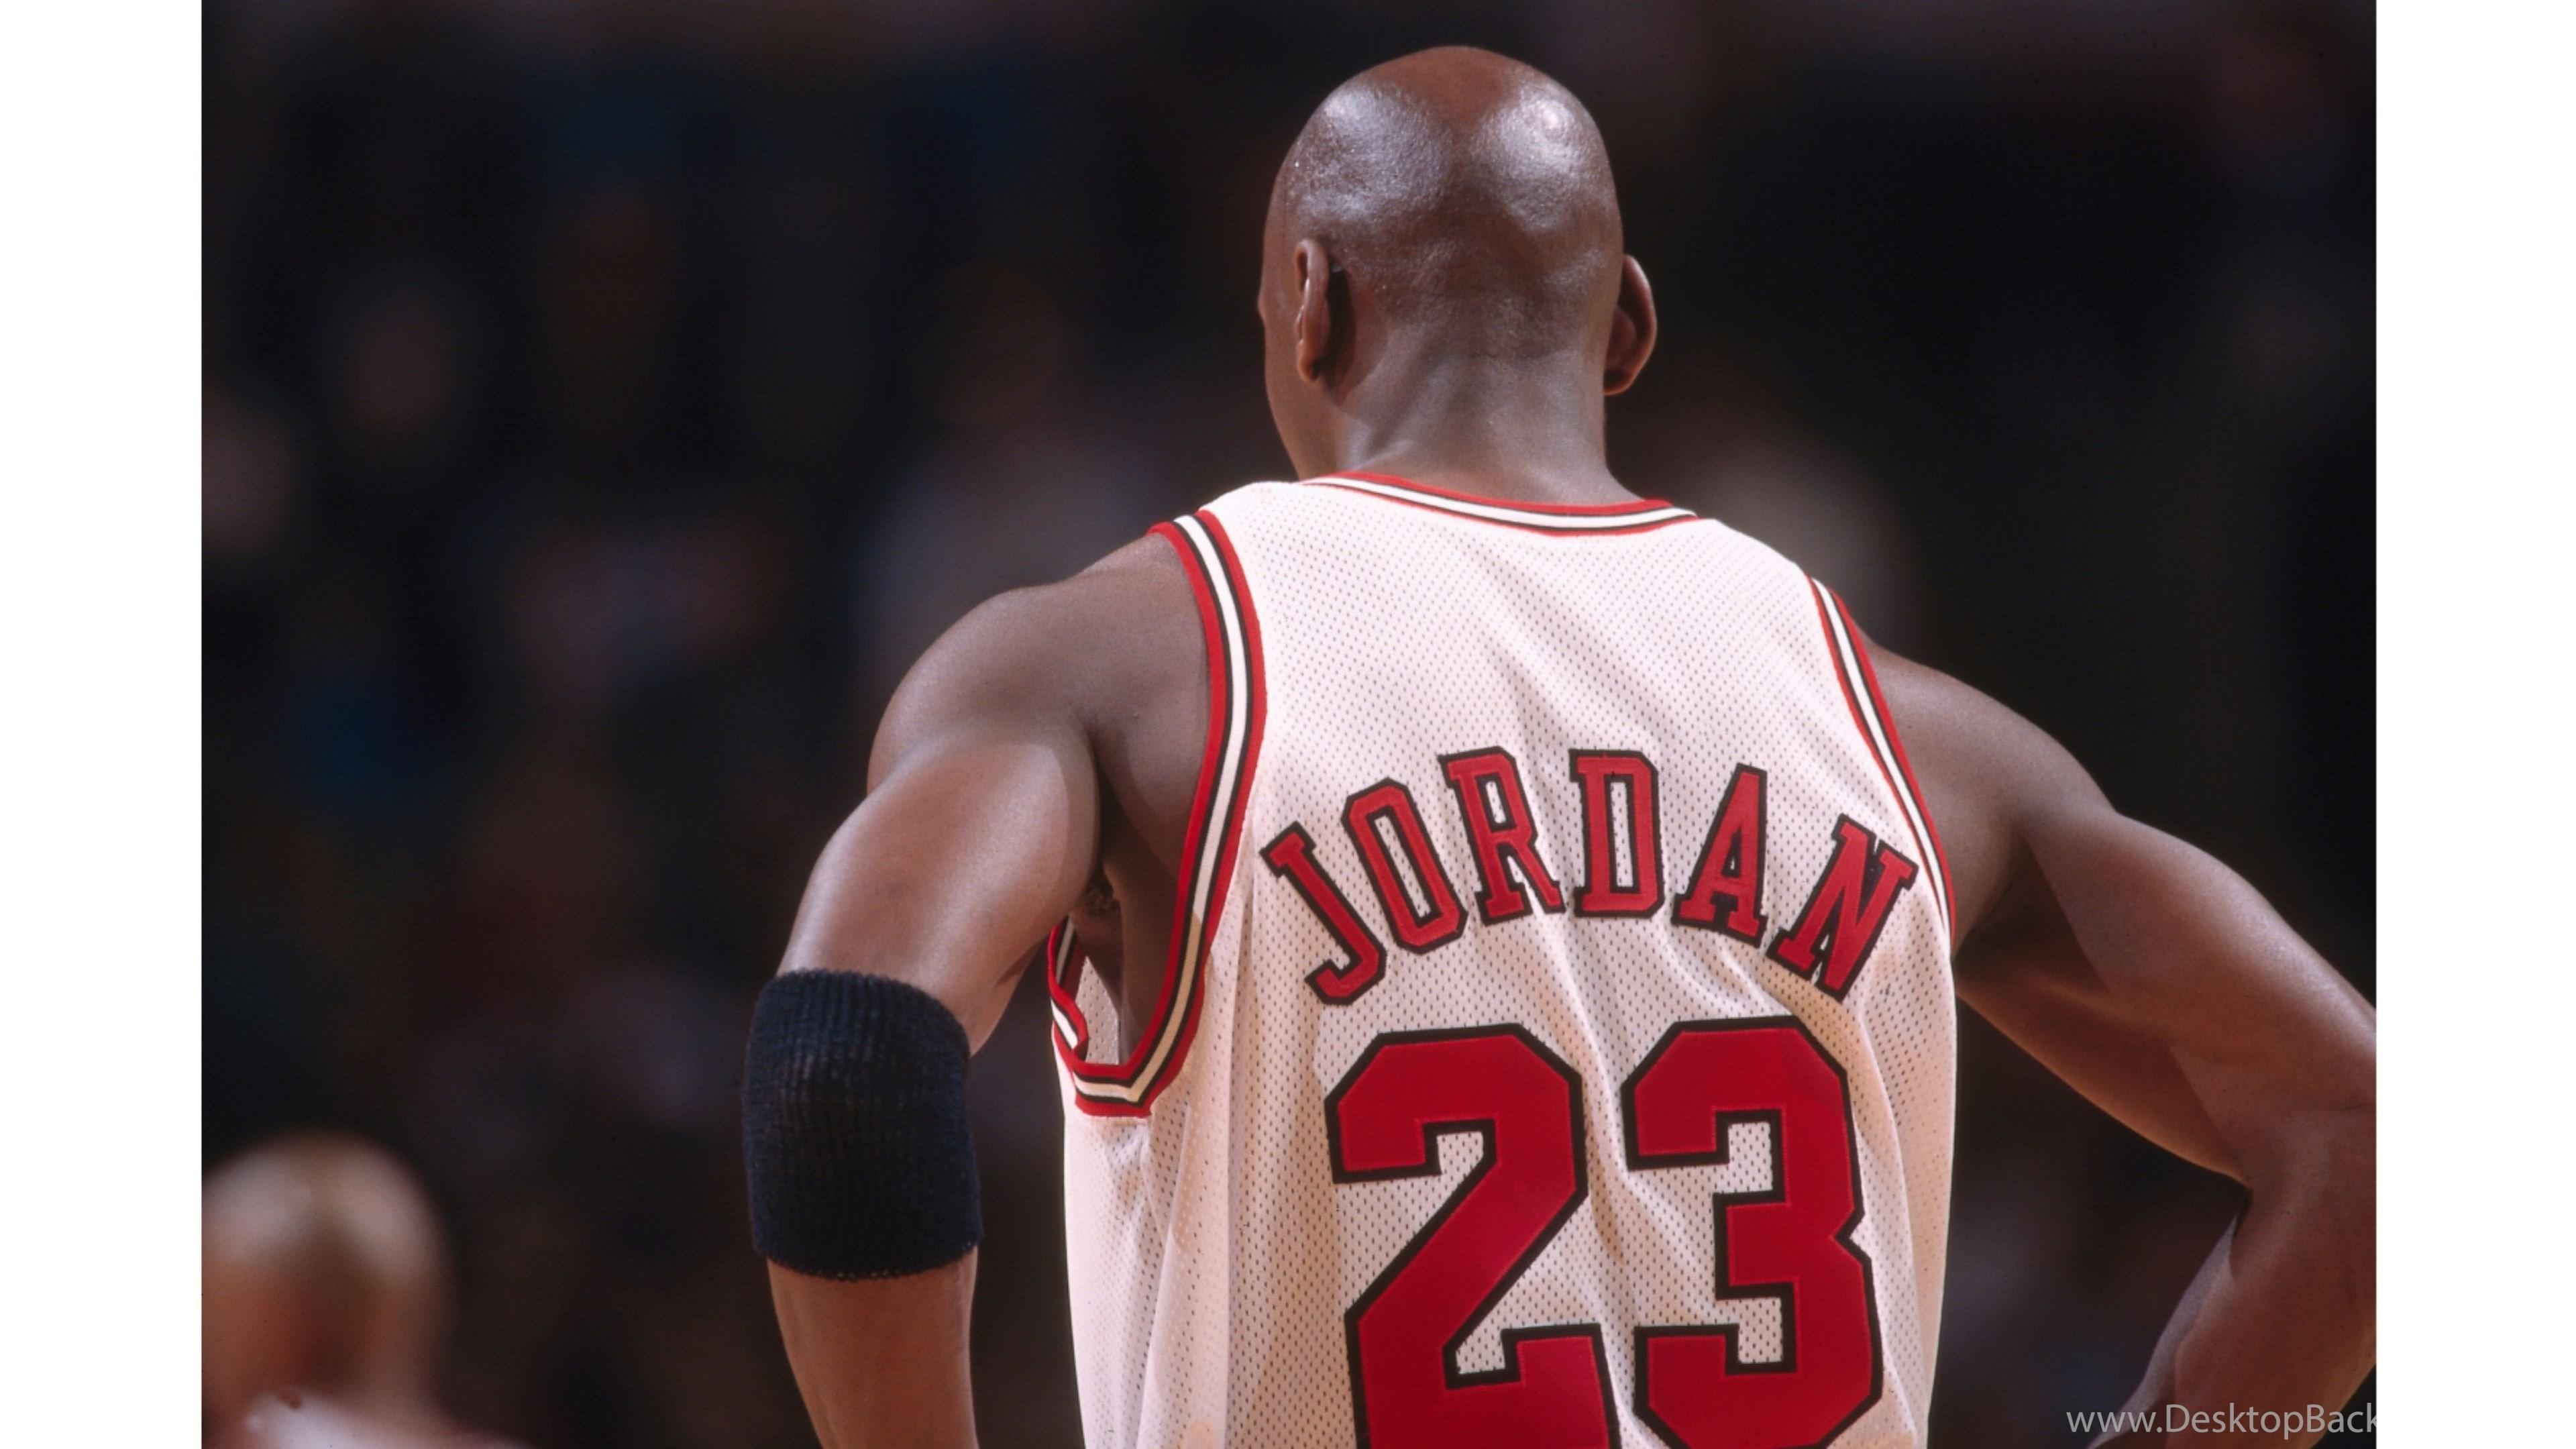 Michael Jordan Wallpaper Hd Jordan 23 Michael Jordan 4k Wallpapers Desktop Background